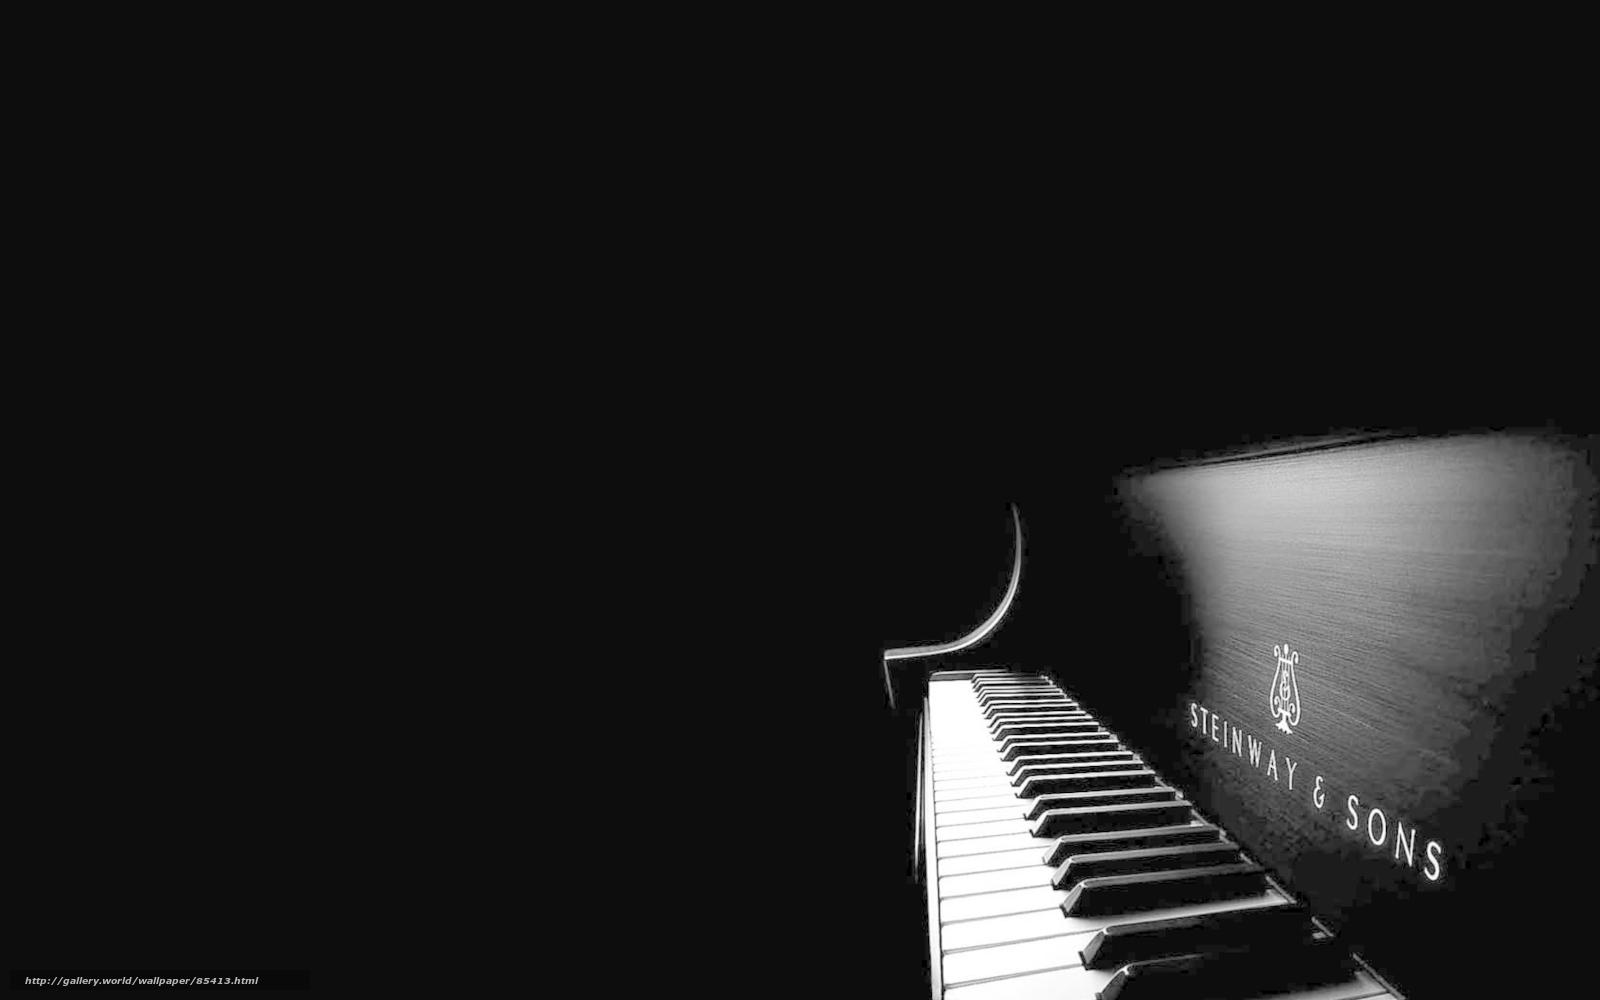 Hq tarzı piyano tuşları siyah beyaz 1680x1050 resim stil